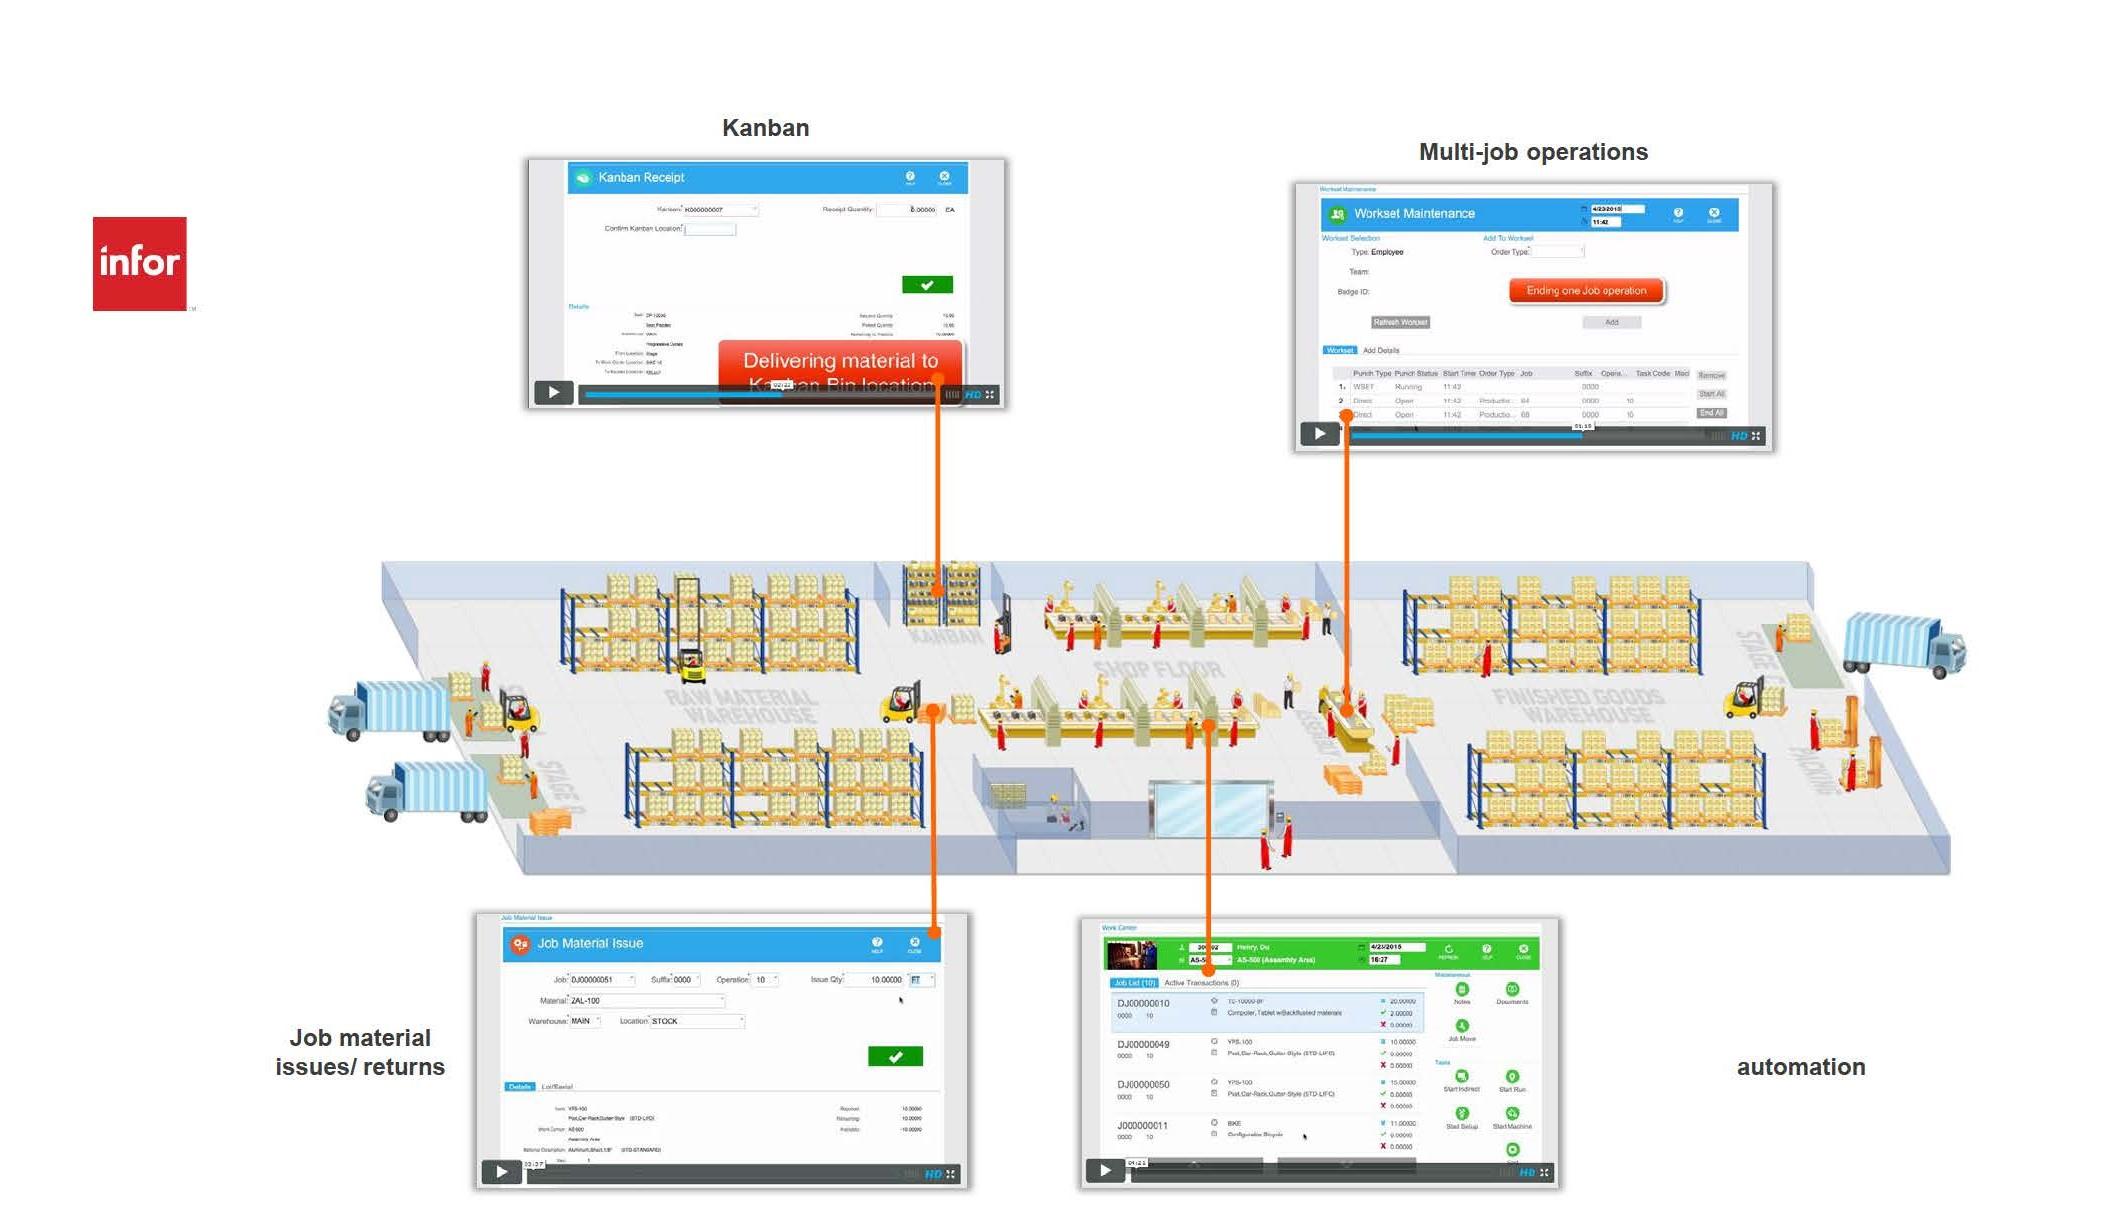 Auf einer Infografik sind die Infor Shop Floor Module abgebildet